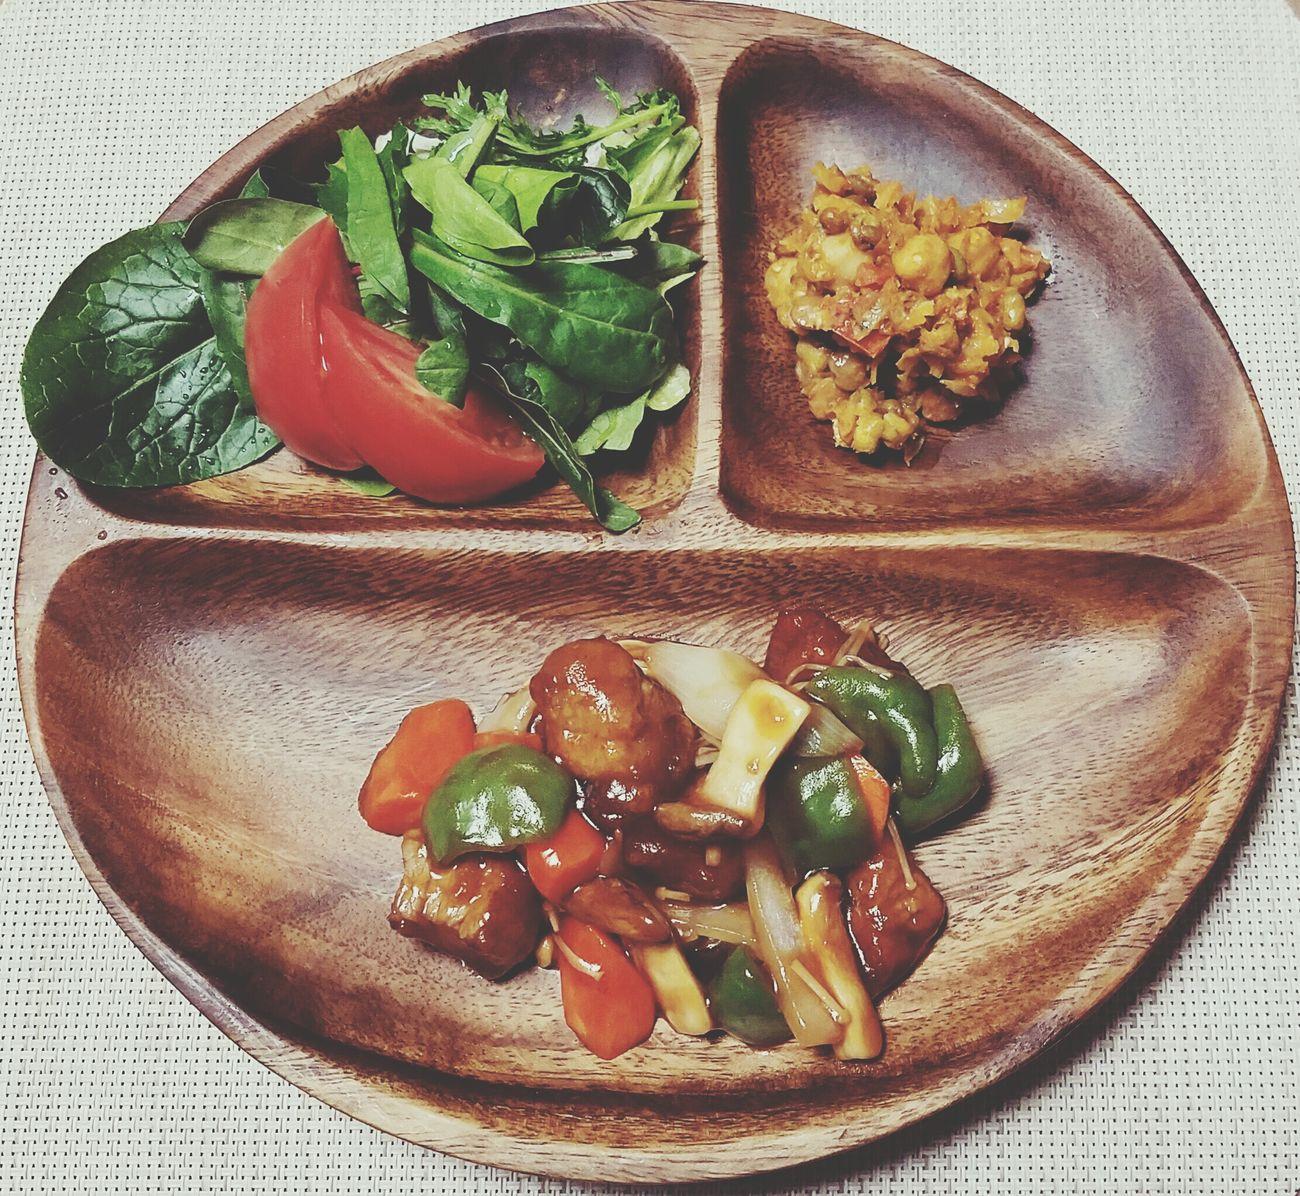 夜ご飯🌙🍴 Food Plate Tomato Frijoles Frijole 糖醋猪肉 酢豚 Comidas Cena